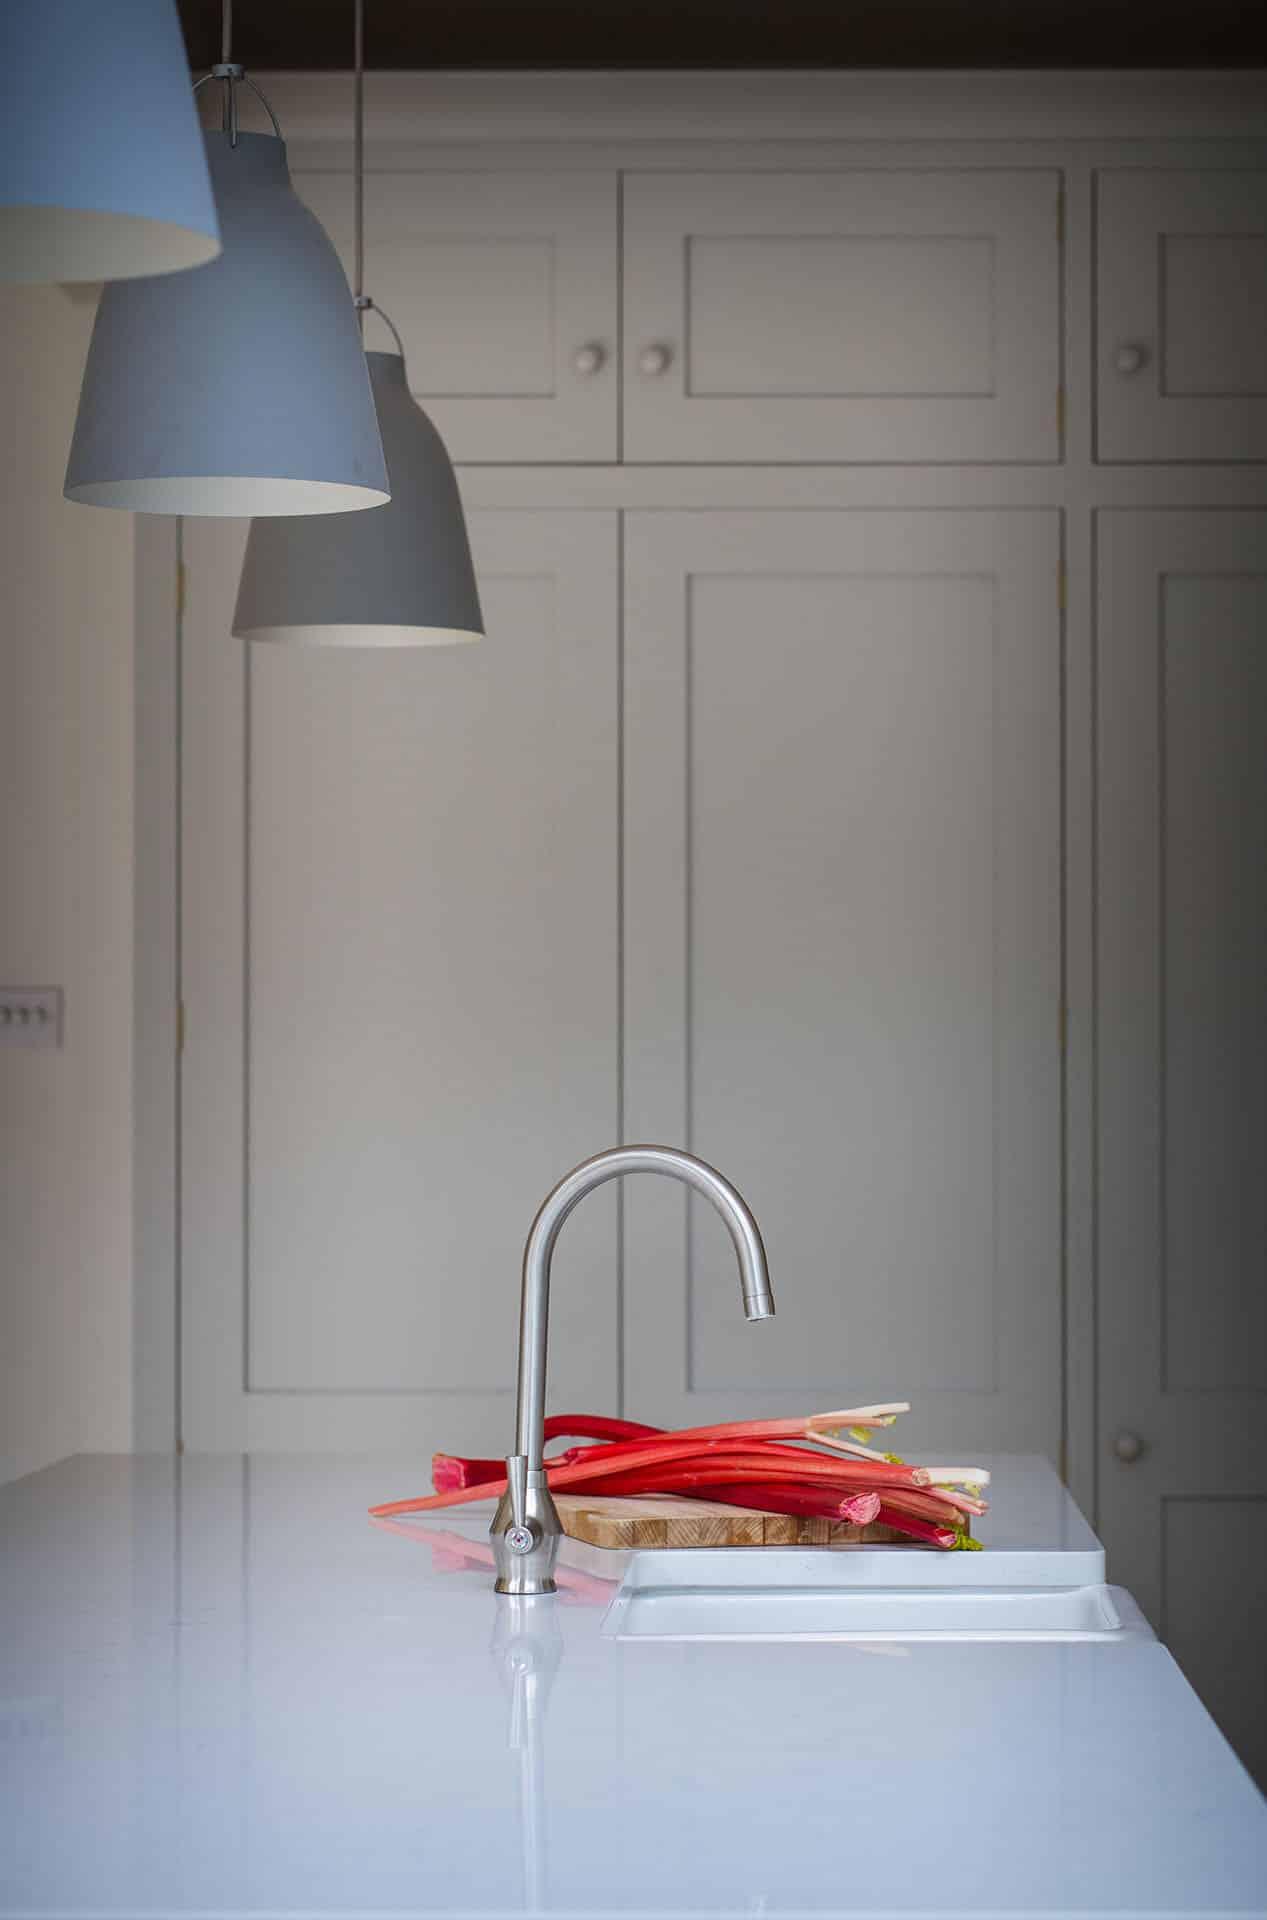 Scandinavian Woodland Kitchen with white quartz worktops and large kitchen centre island